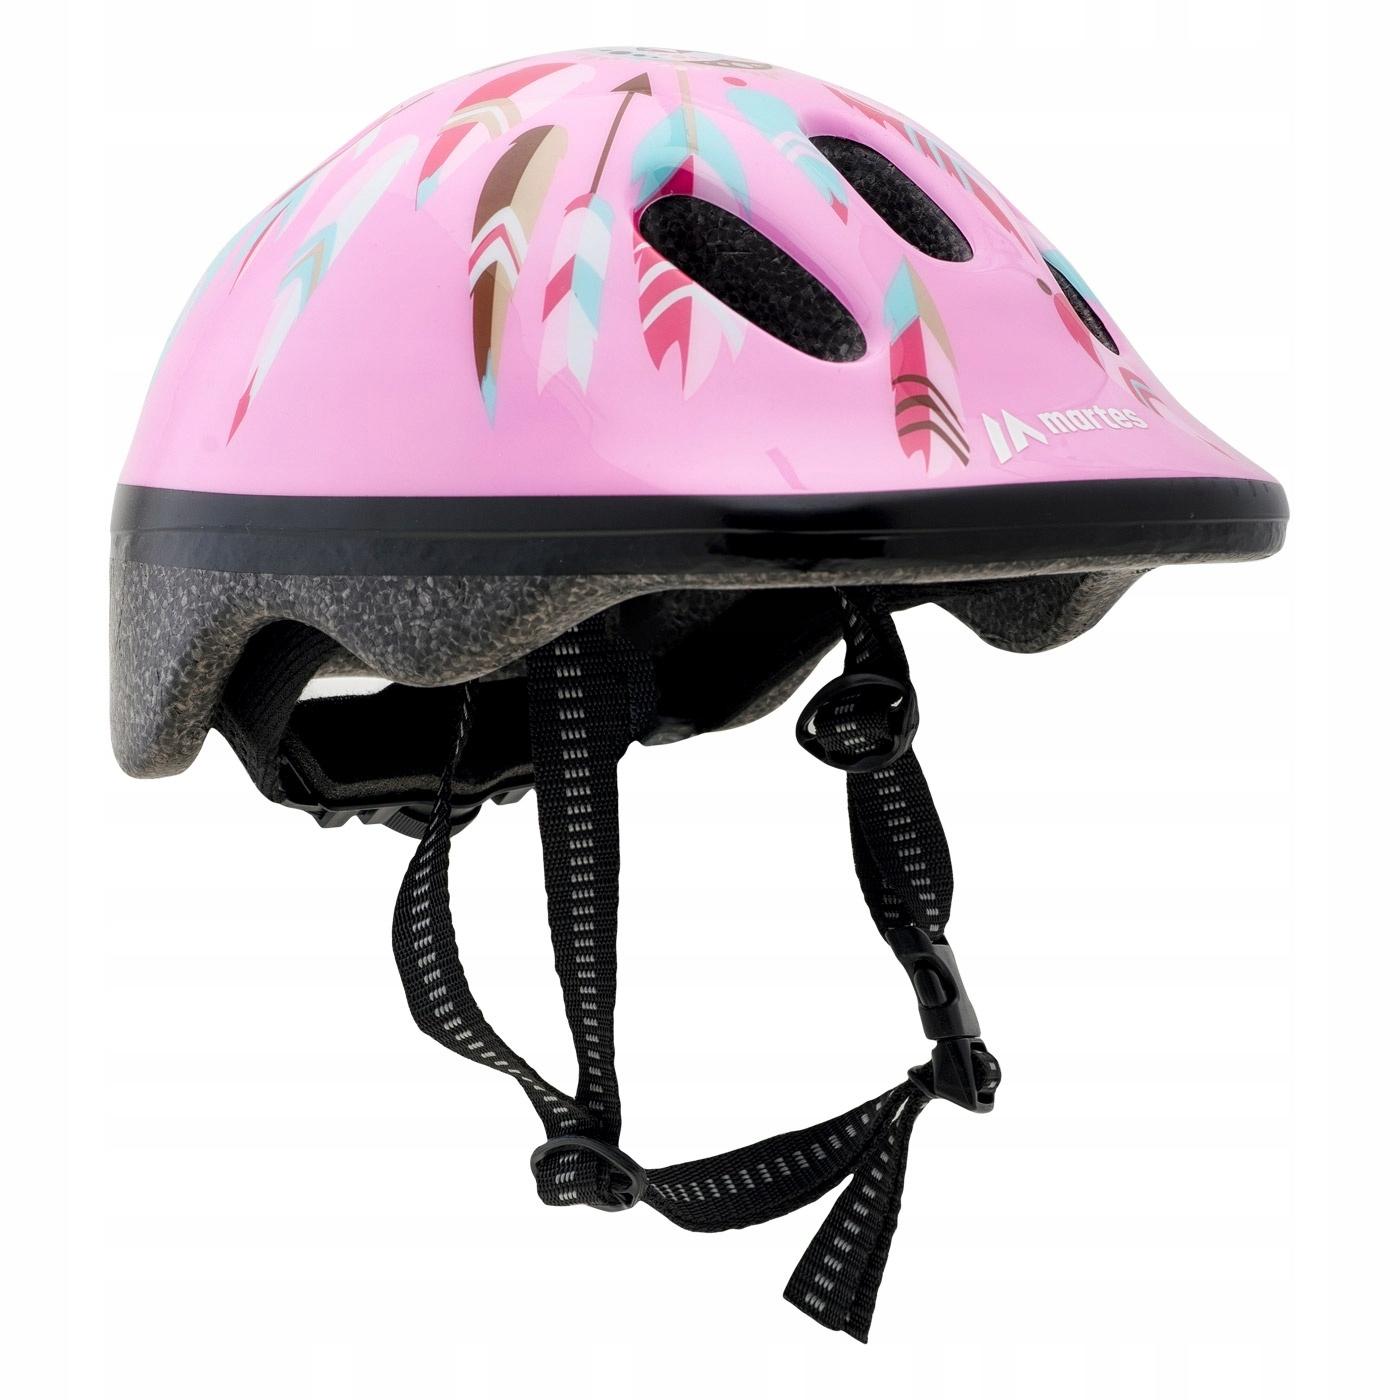 KASK DZIECIĘCY велосипедOWY ROLKI велосипед GIRL XS 44-48